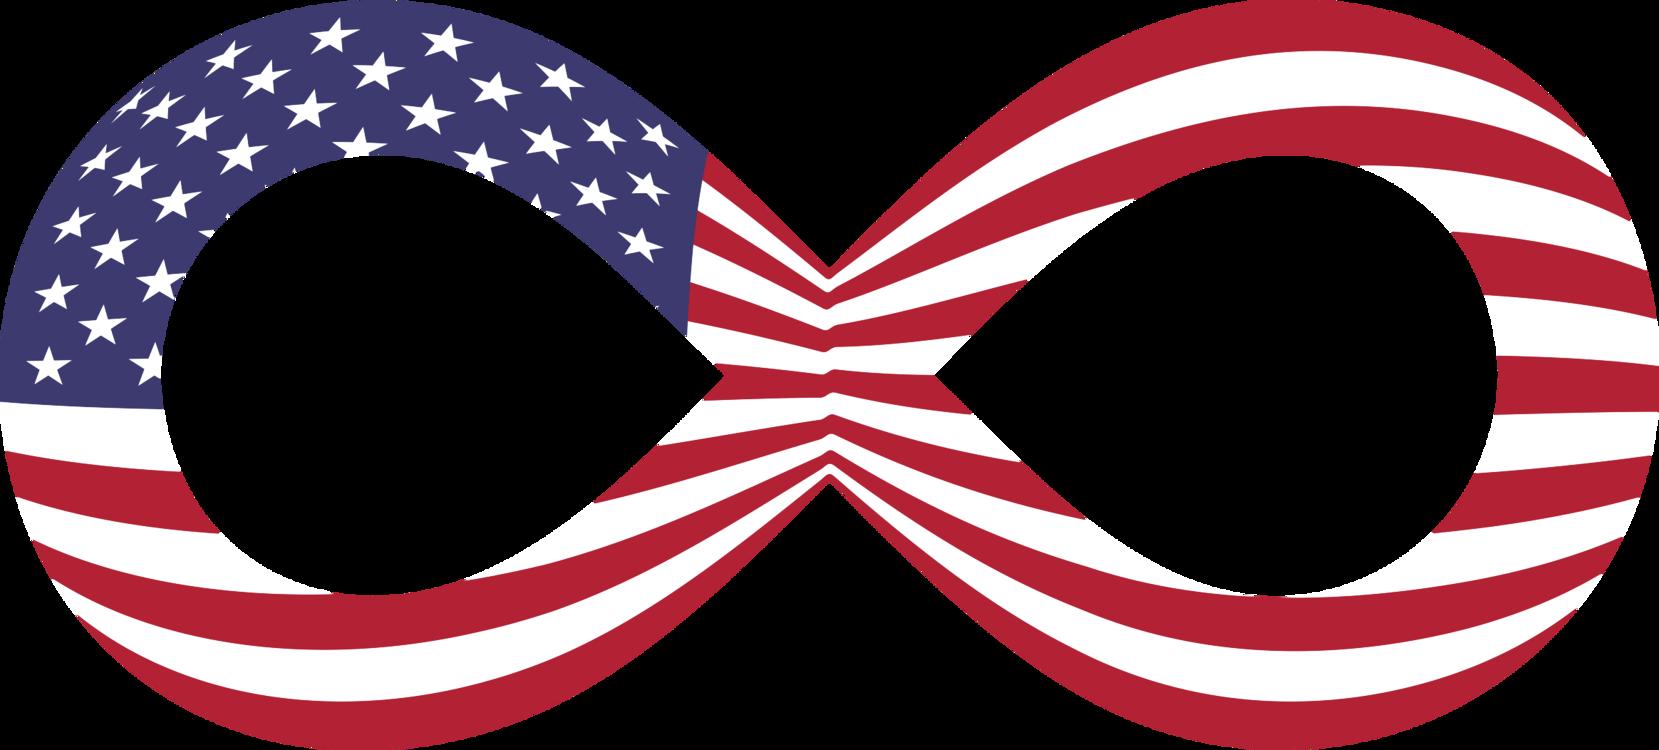 Symmetry,Veterans Day,Flag